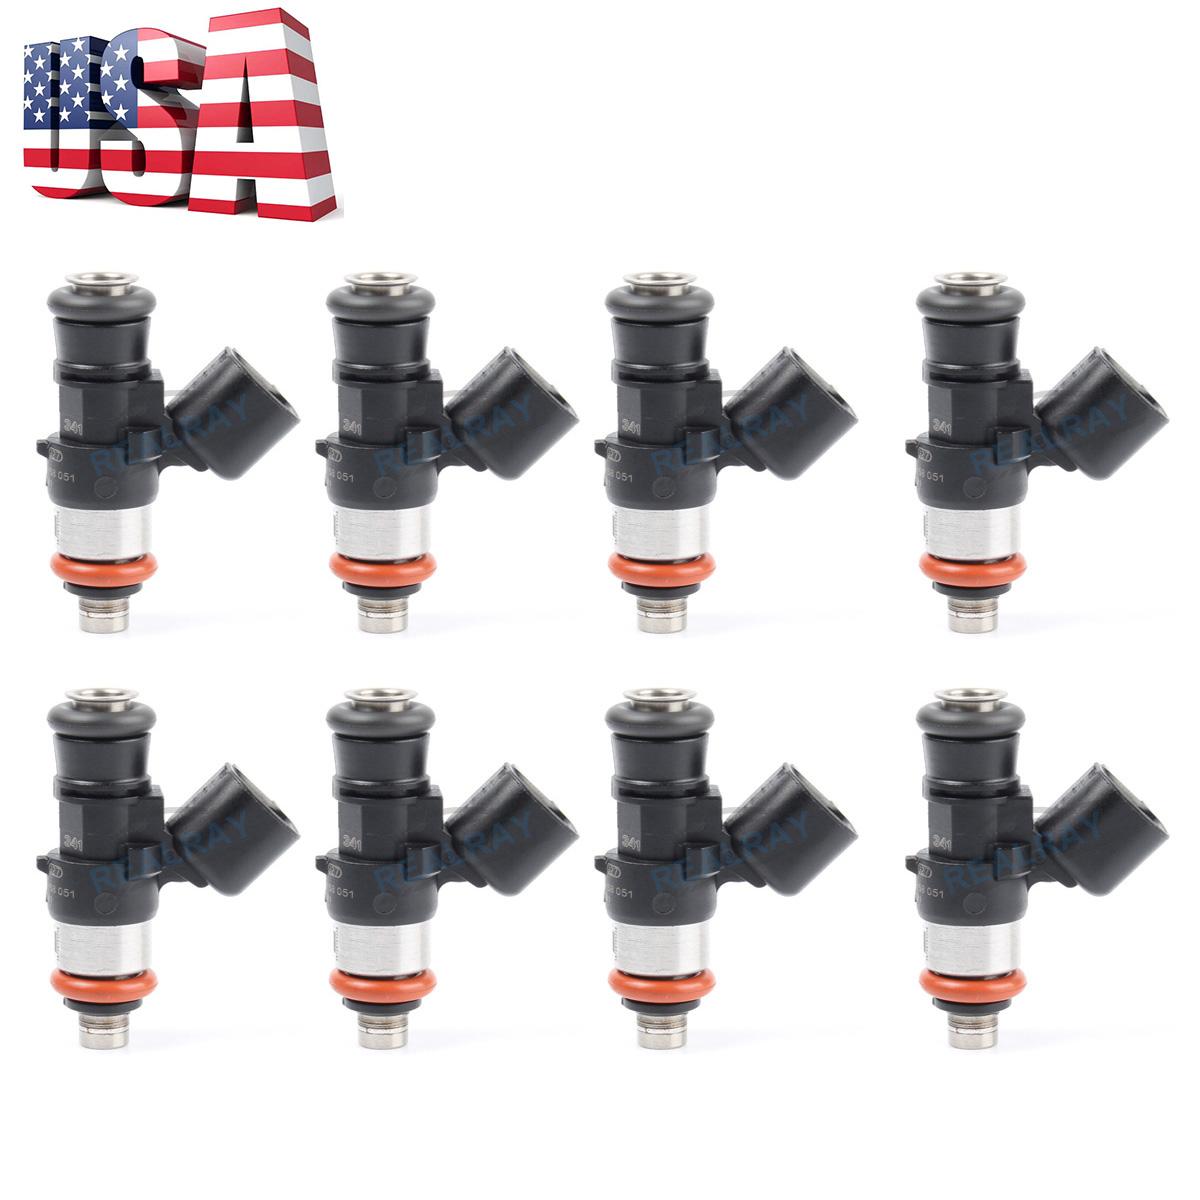 Details about 8 Fuel Injectors LS3 LS7 L76 L9 2 L98 L99 LS9 LSA Corvette C6  Z06 Camaro G8